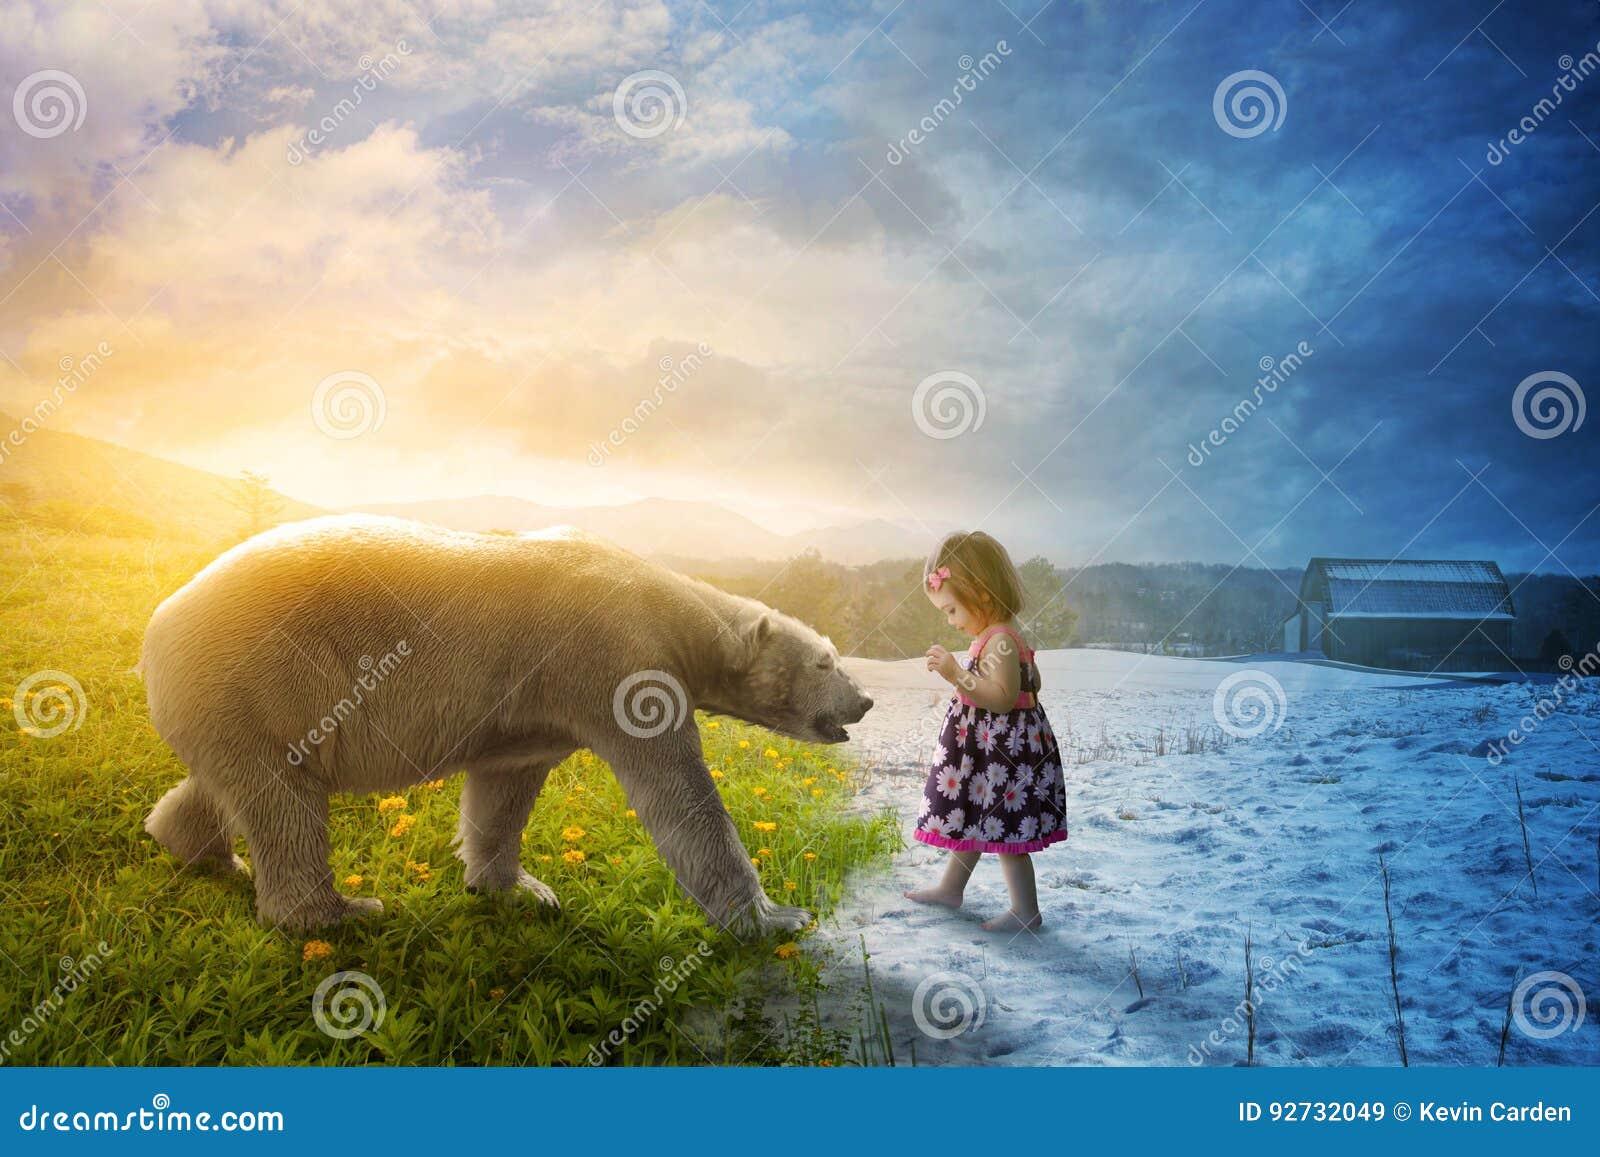 Eisbär und kleines Mädchen